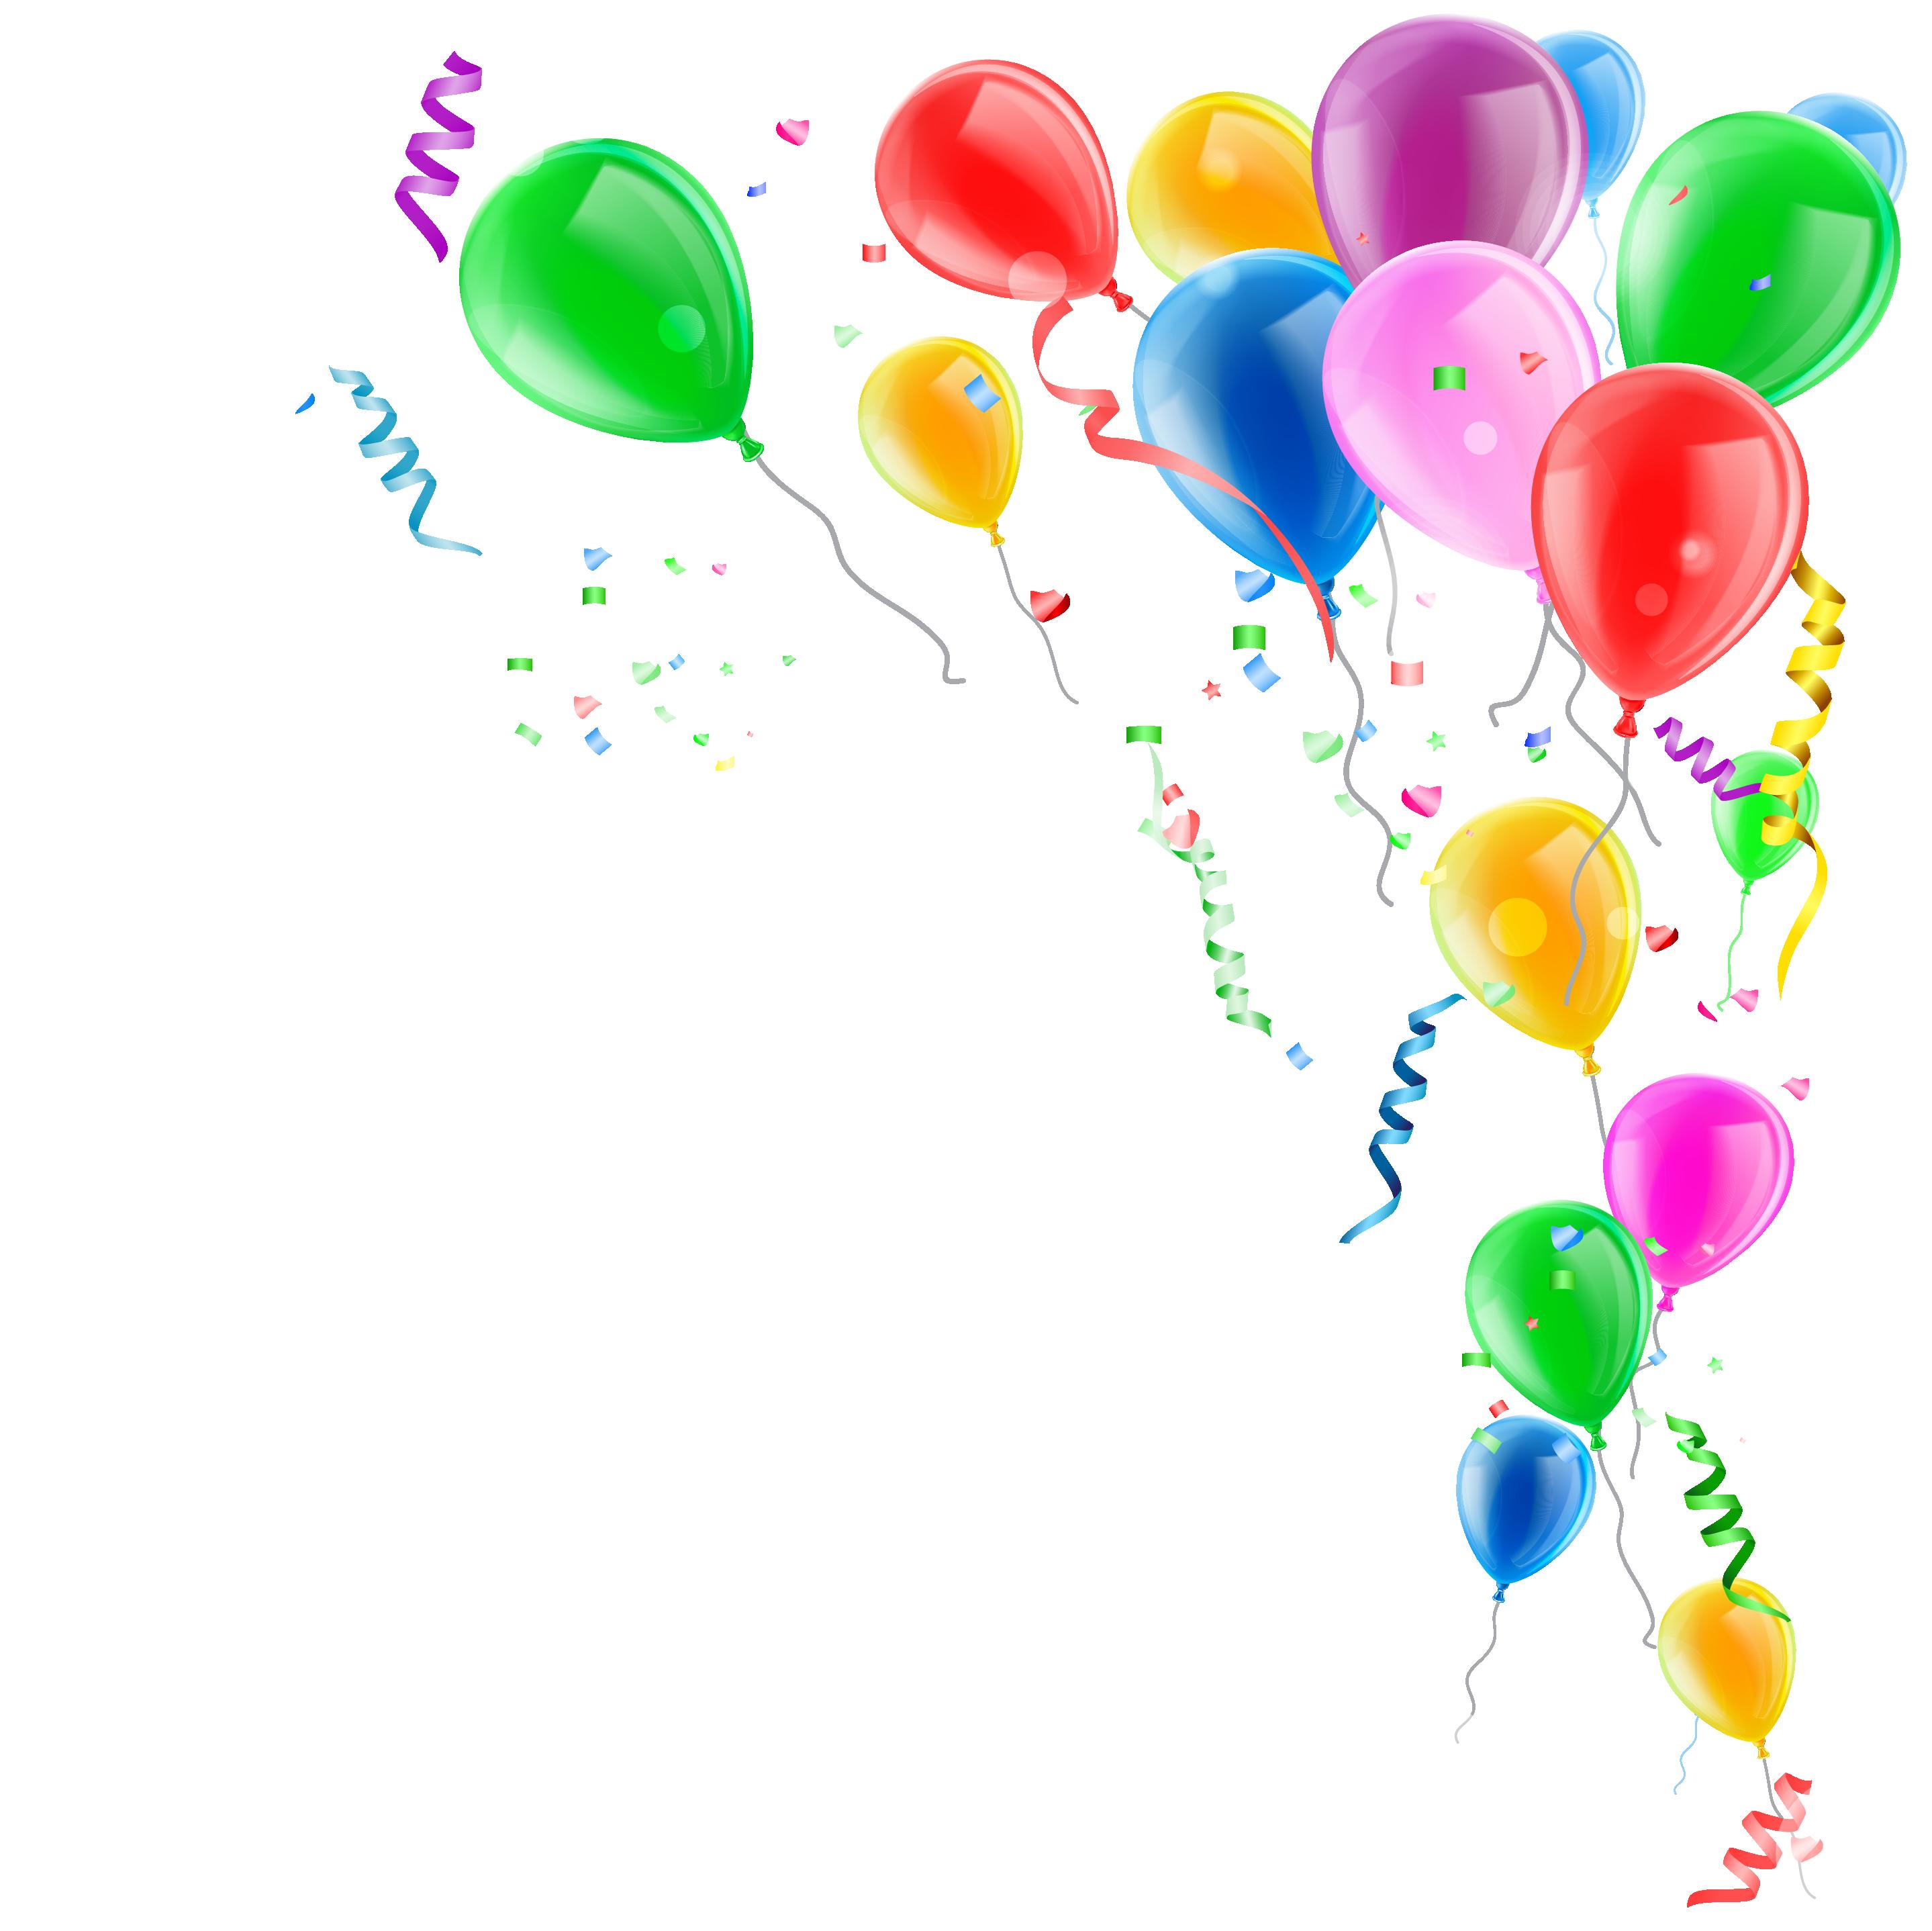 Векторный фон для открытки с днем рождения, день рождения